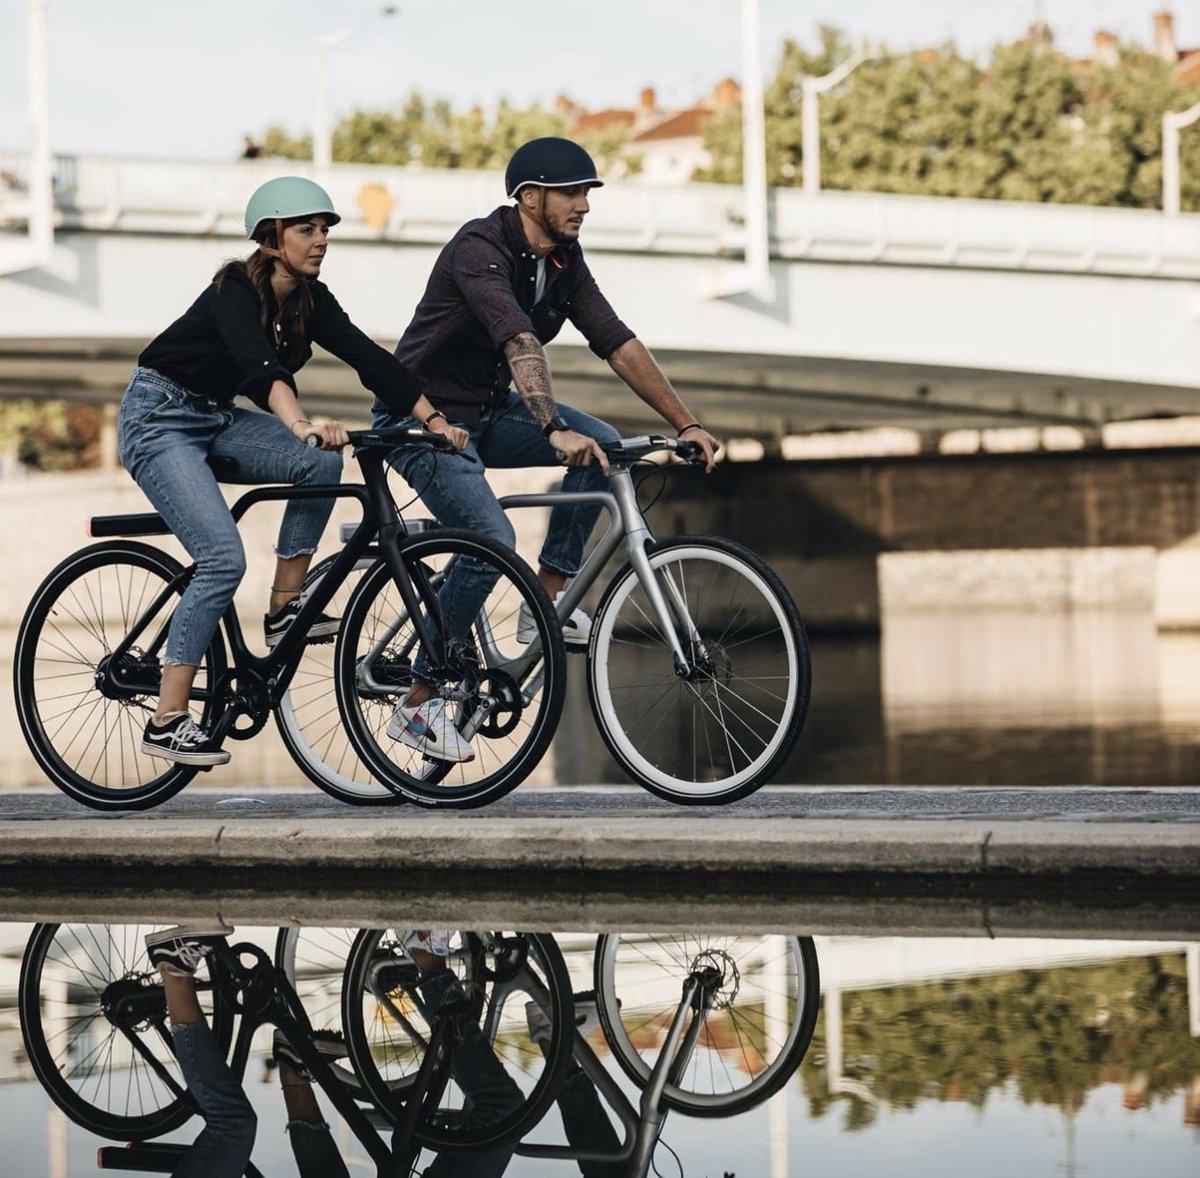 C'est la Semaine Européenne de la Mobilité. Jusqu'au 22 septembre redoublons d'efforts pour encourager la pratique du vélo autour de nous !  #micromobility #SmartBike @AngellBike https://t.co/rhpLJGMk0V